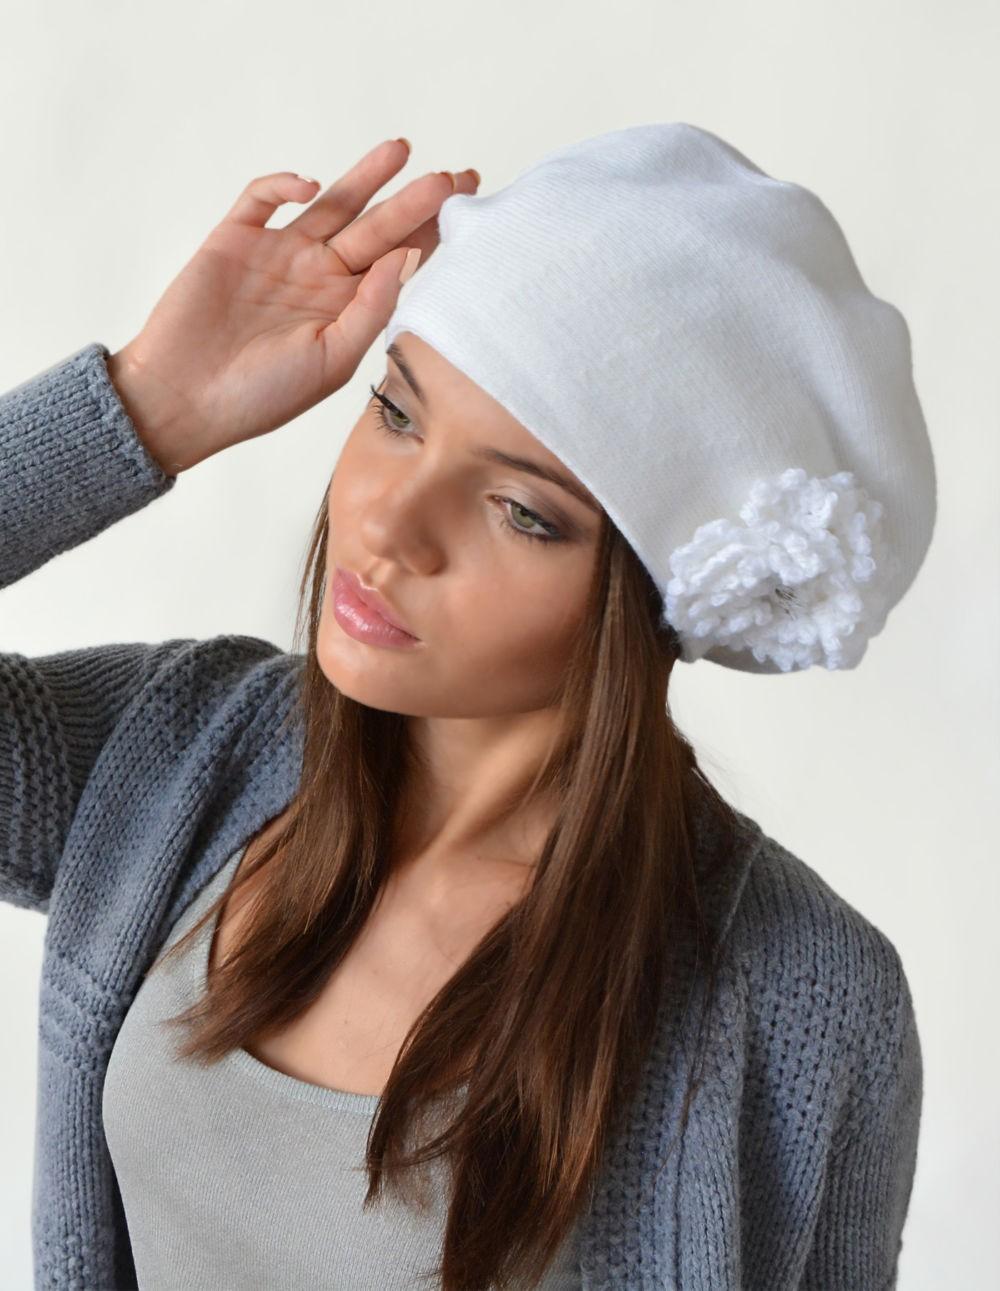 Как носить шапку с челкой: берет с челкой белый с декорацией